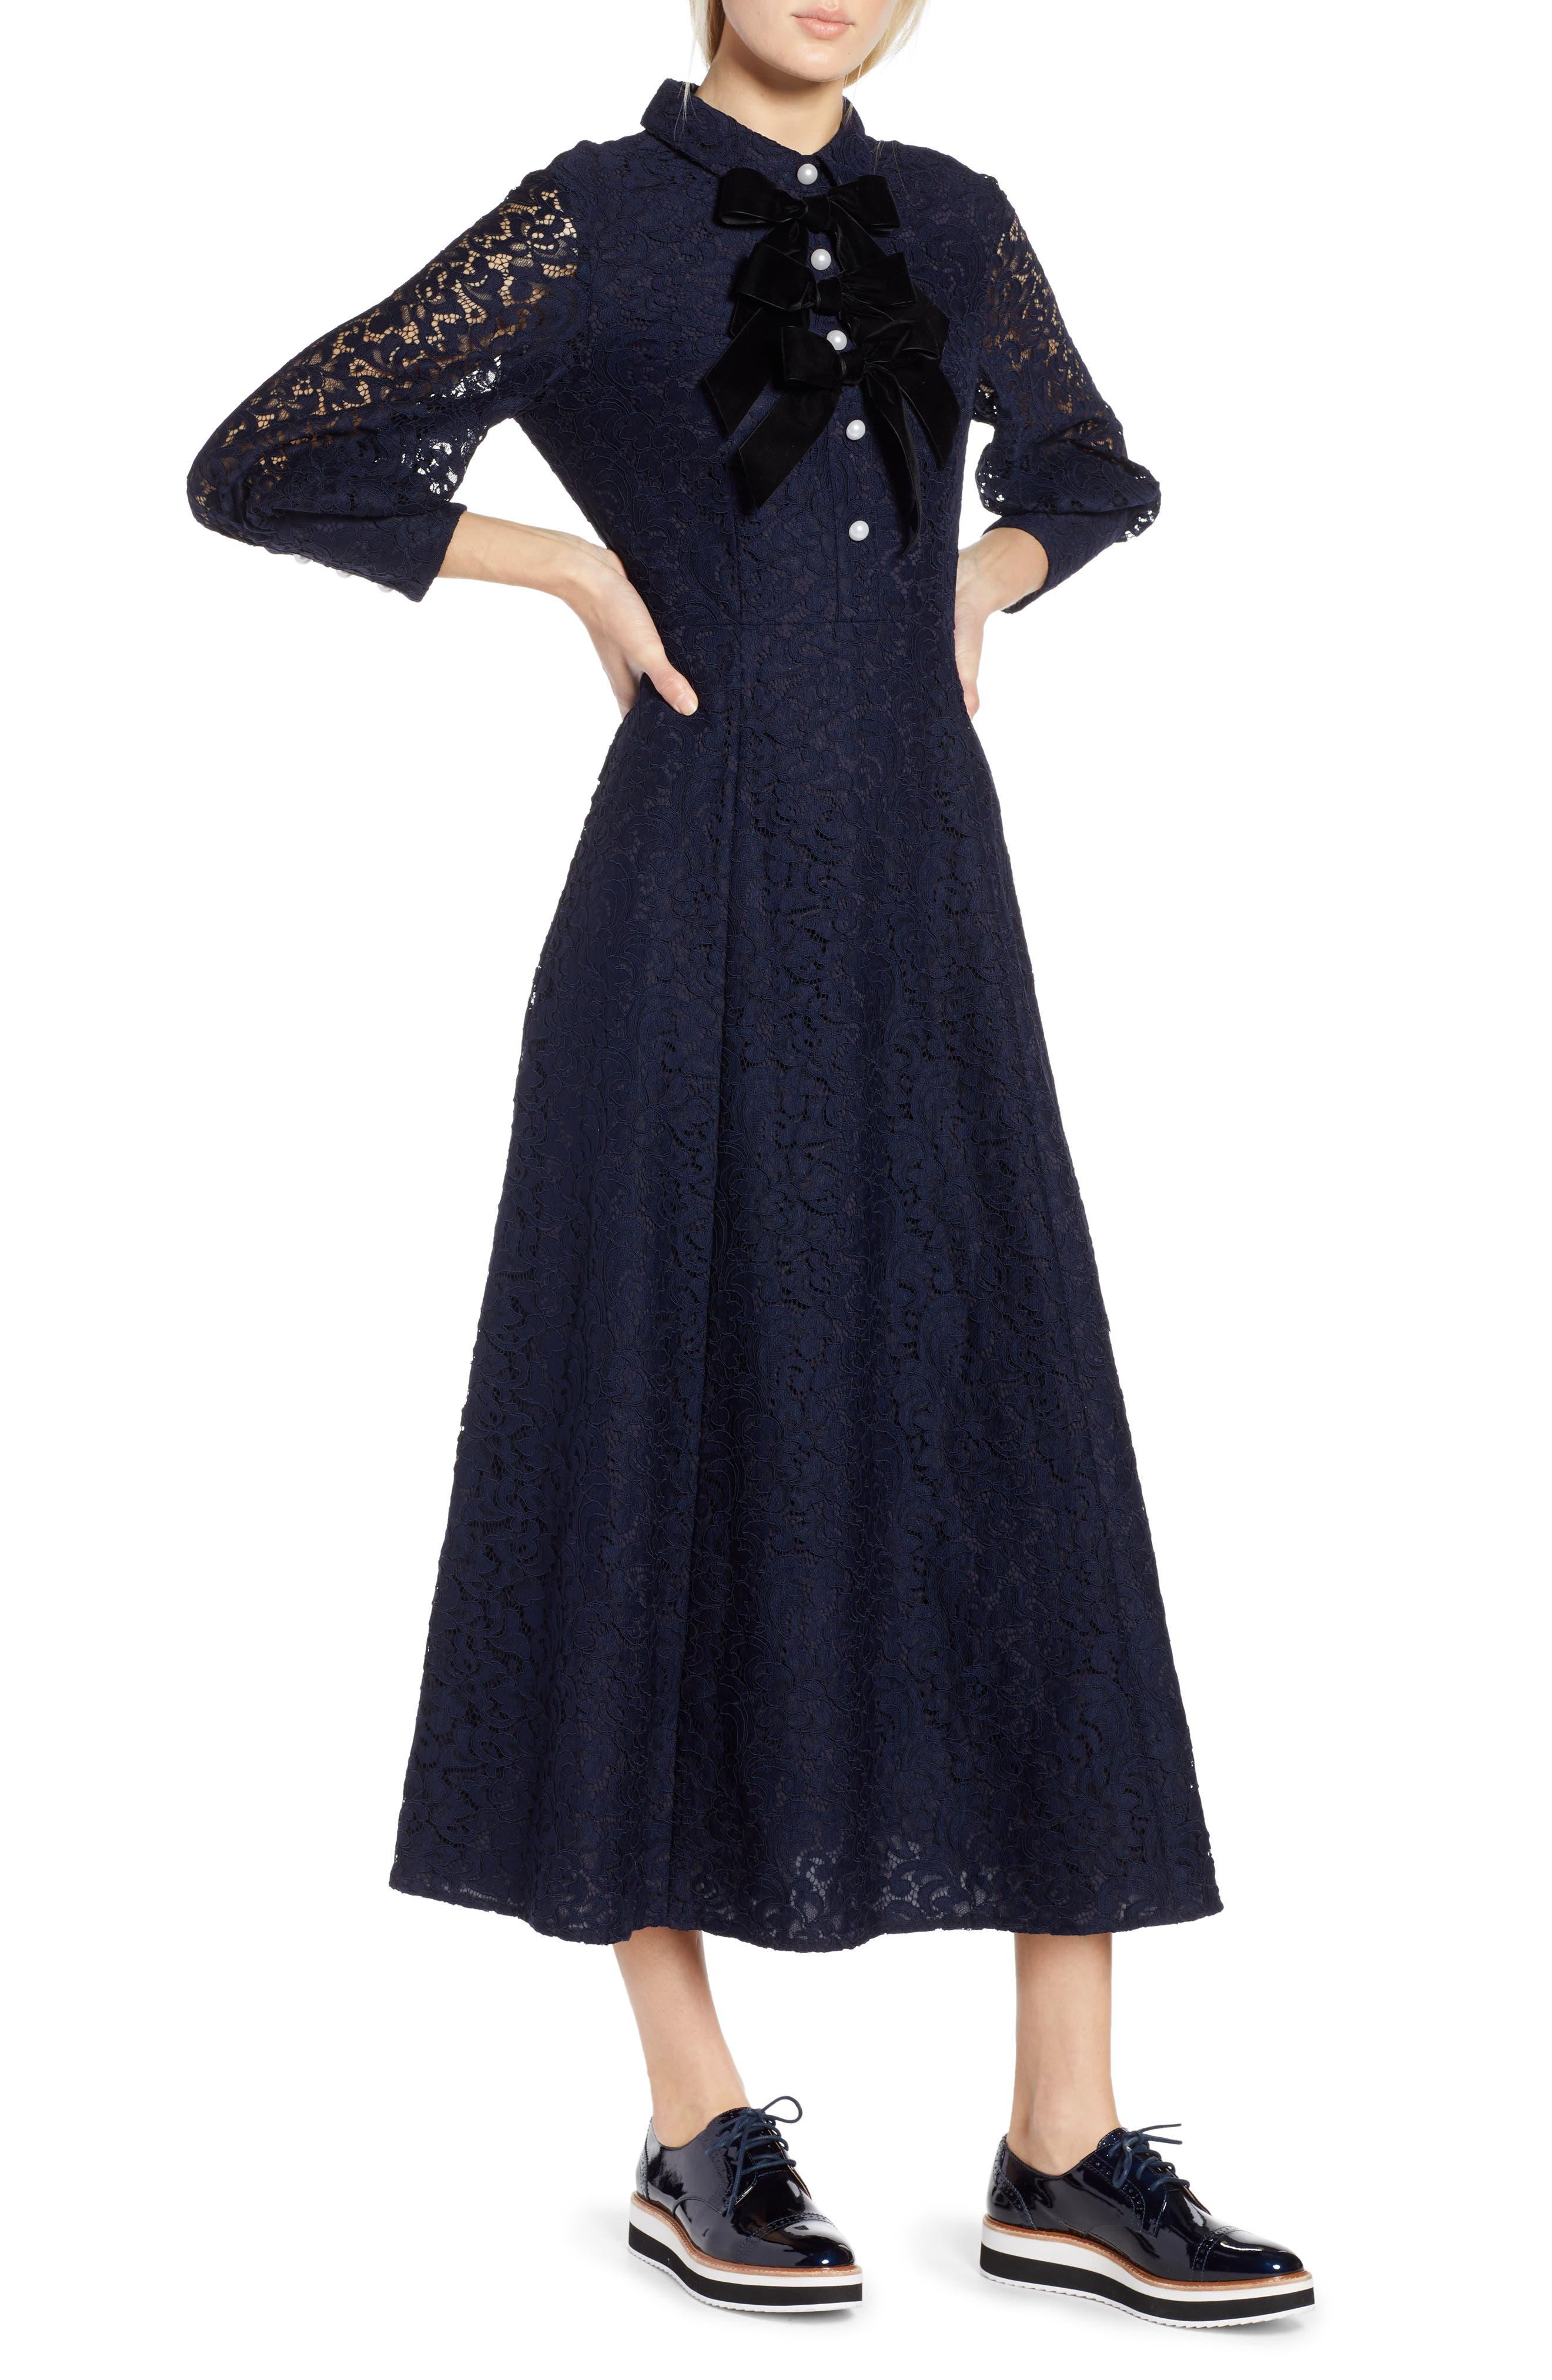 1930s Dresses | 30s Art Deco Dress Petite Womens Halogen X Atlantic-Pacific Bow Detail Lace Midi Dress Size 16P - Blue $159.00 AT vintagedancer.com